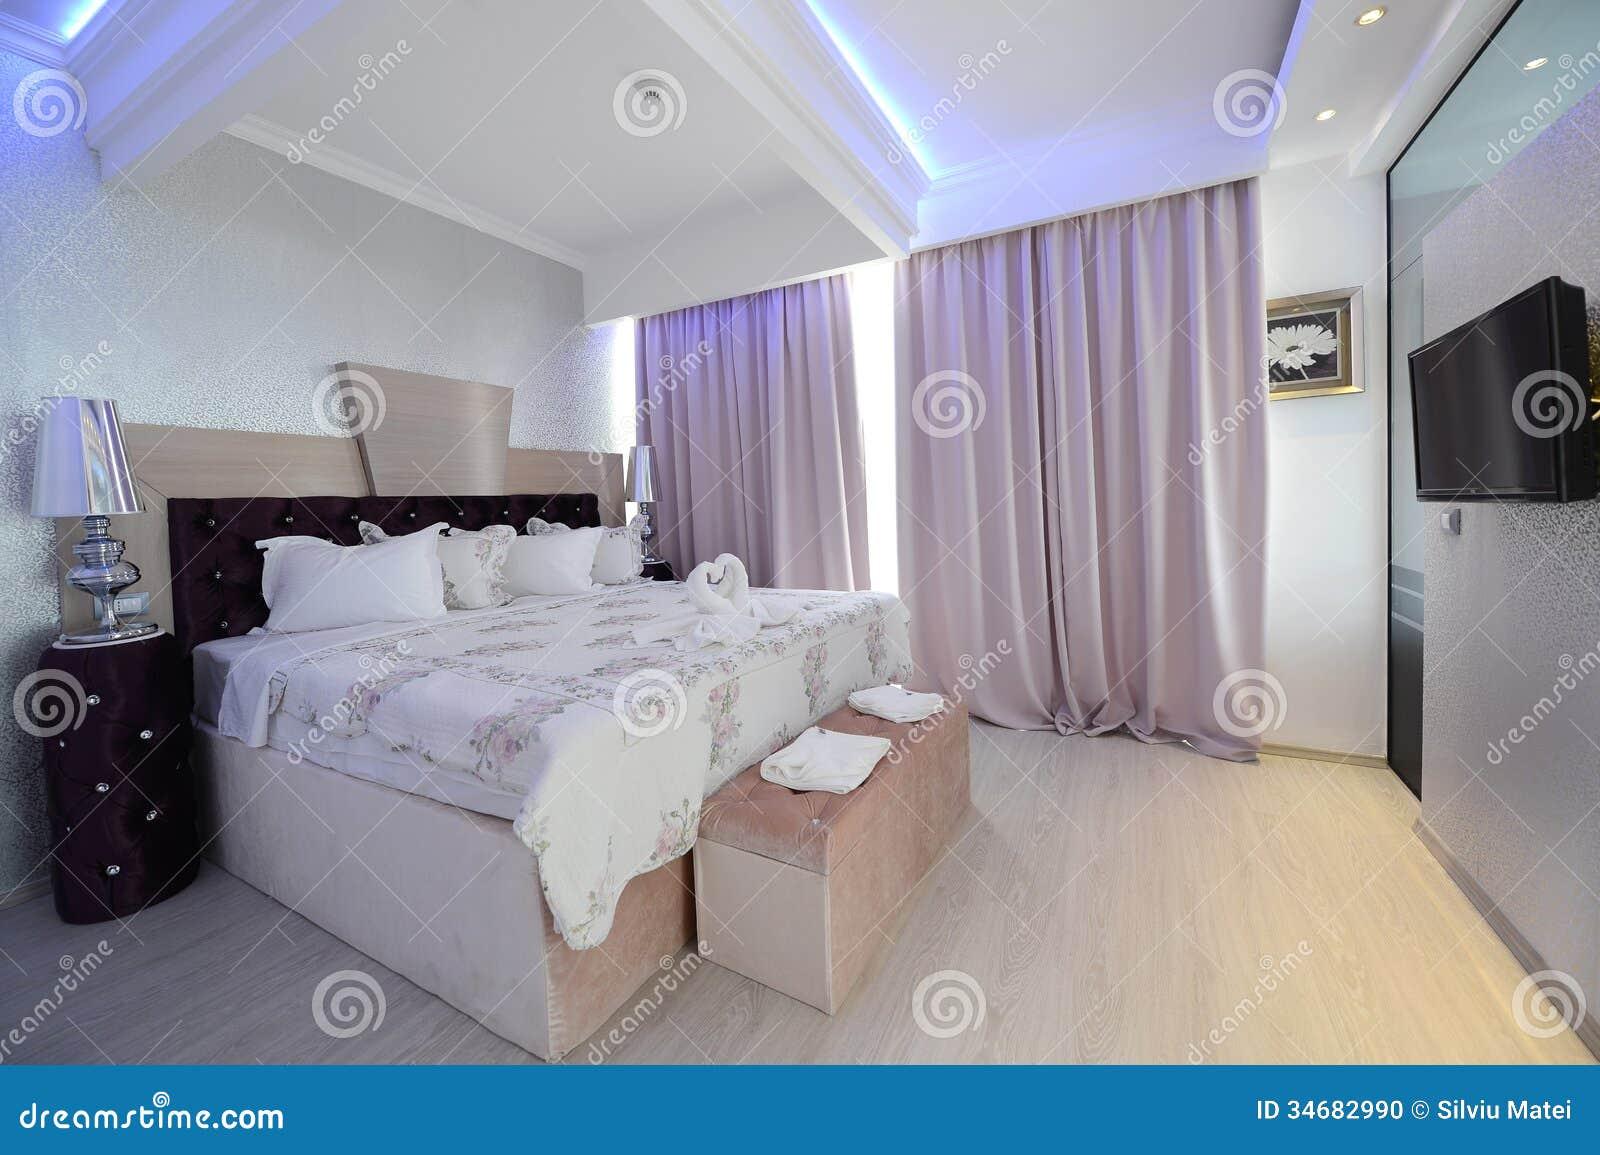 Комната роскошной гостиницы